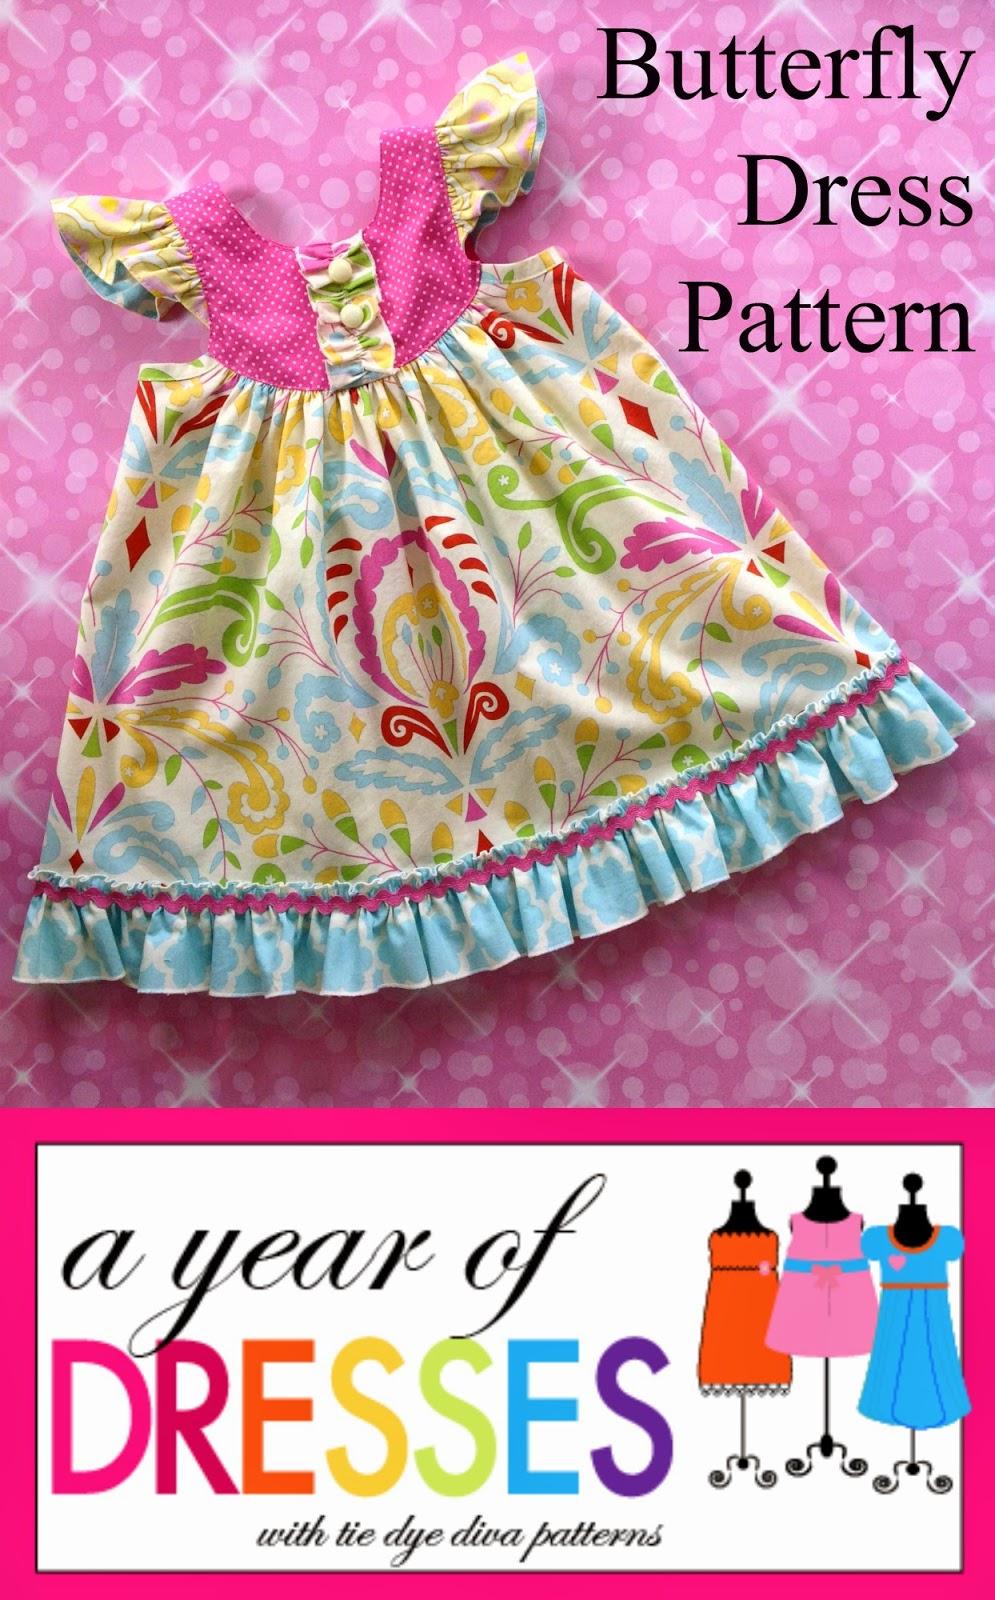 tie dye diva patterns  a year of dresses  butterfly dress